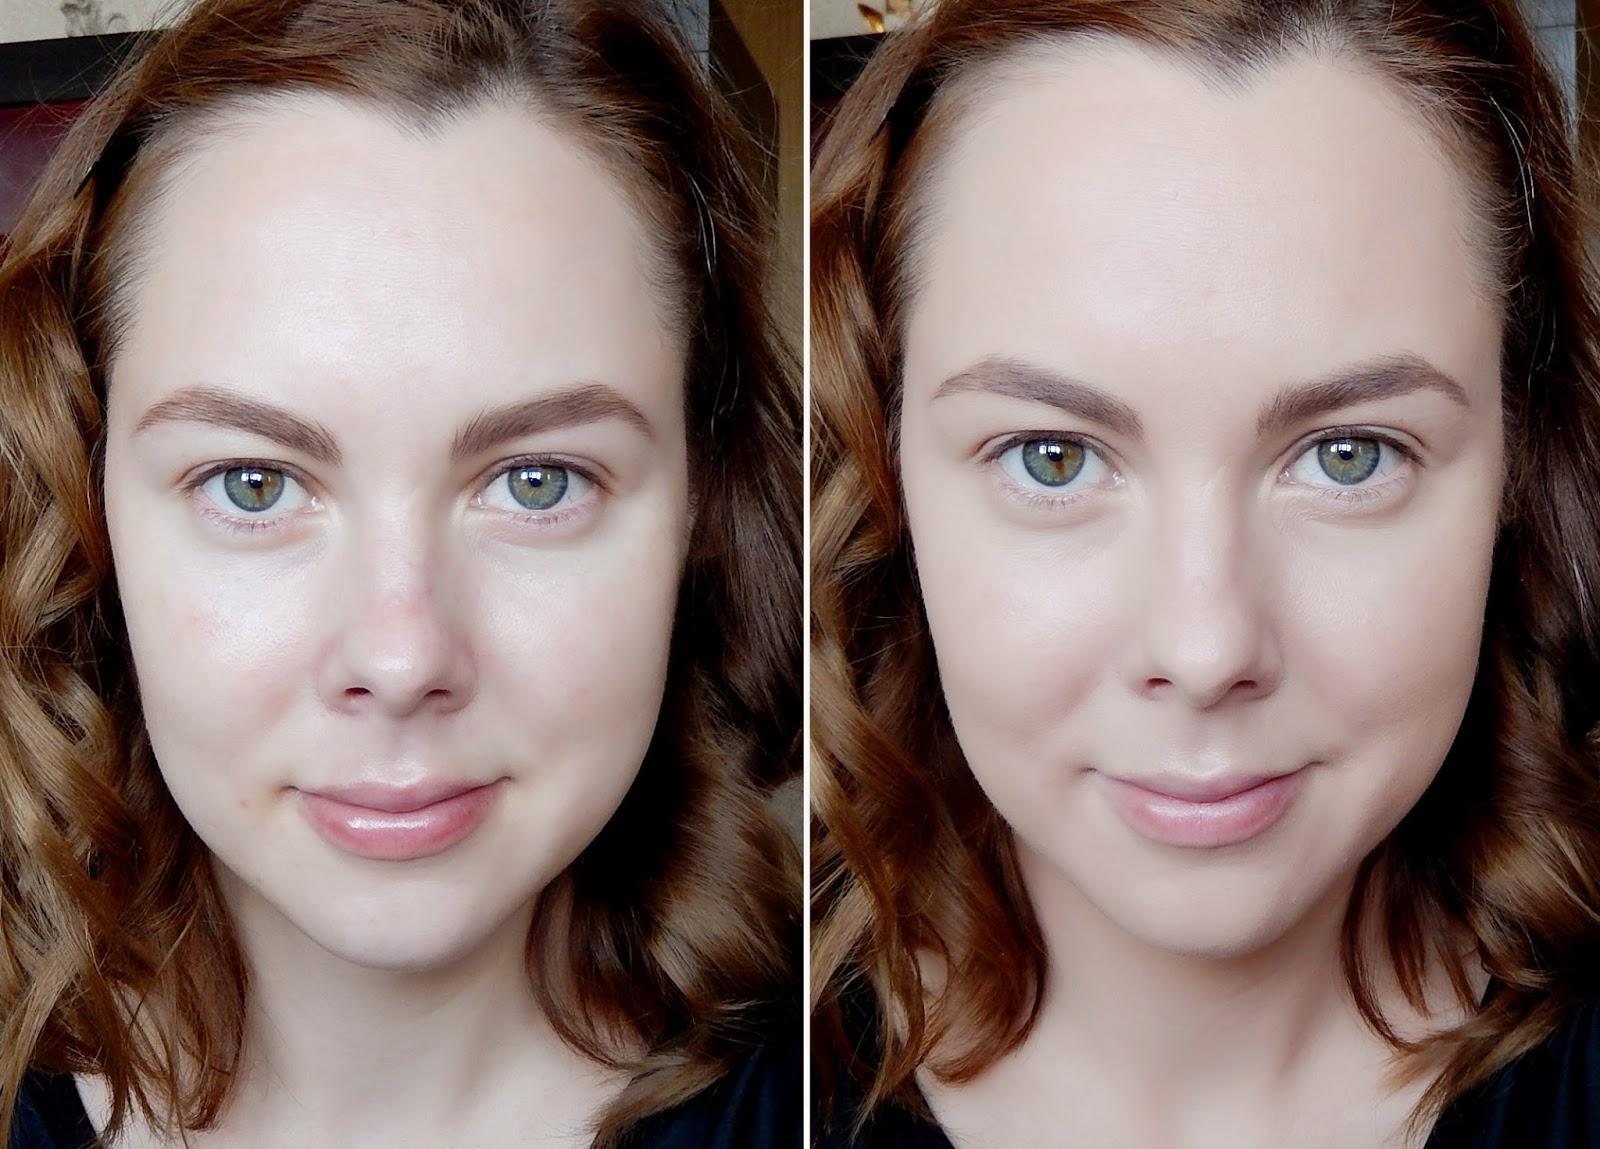 бывшие приложение для фотографий чтобы худое лицо было мае